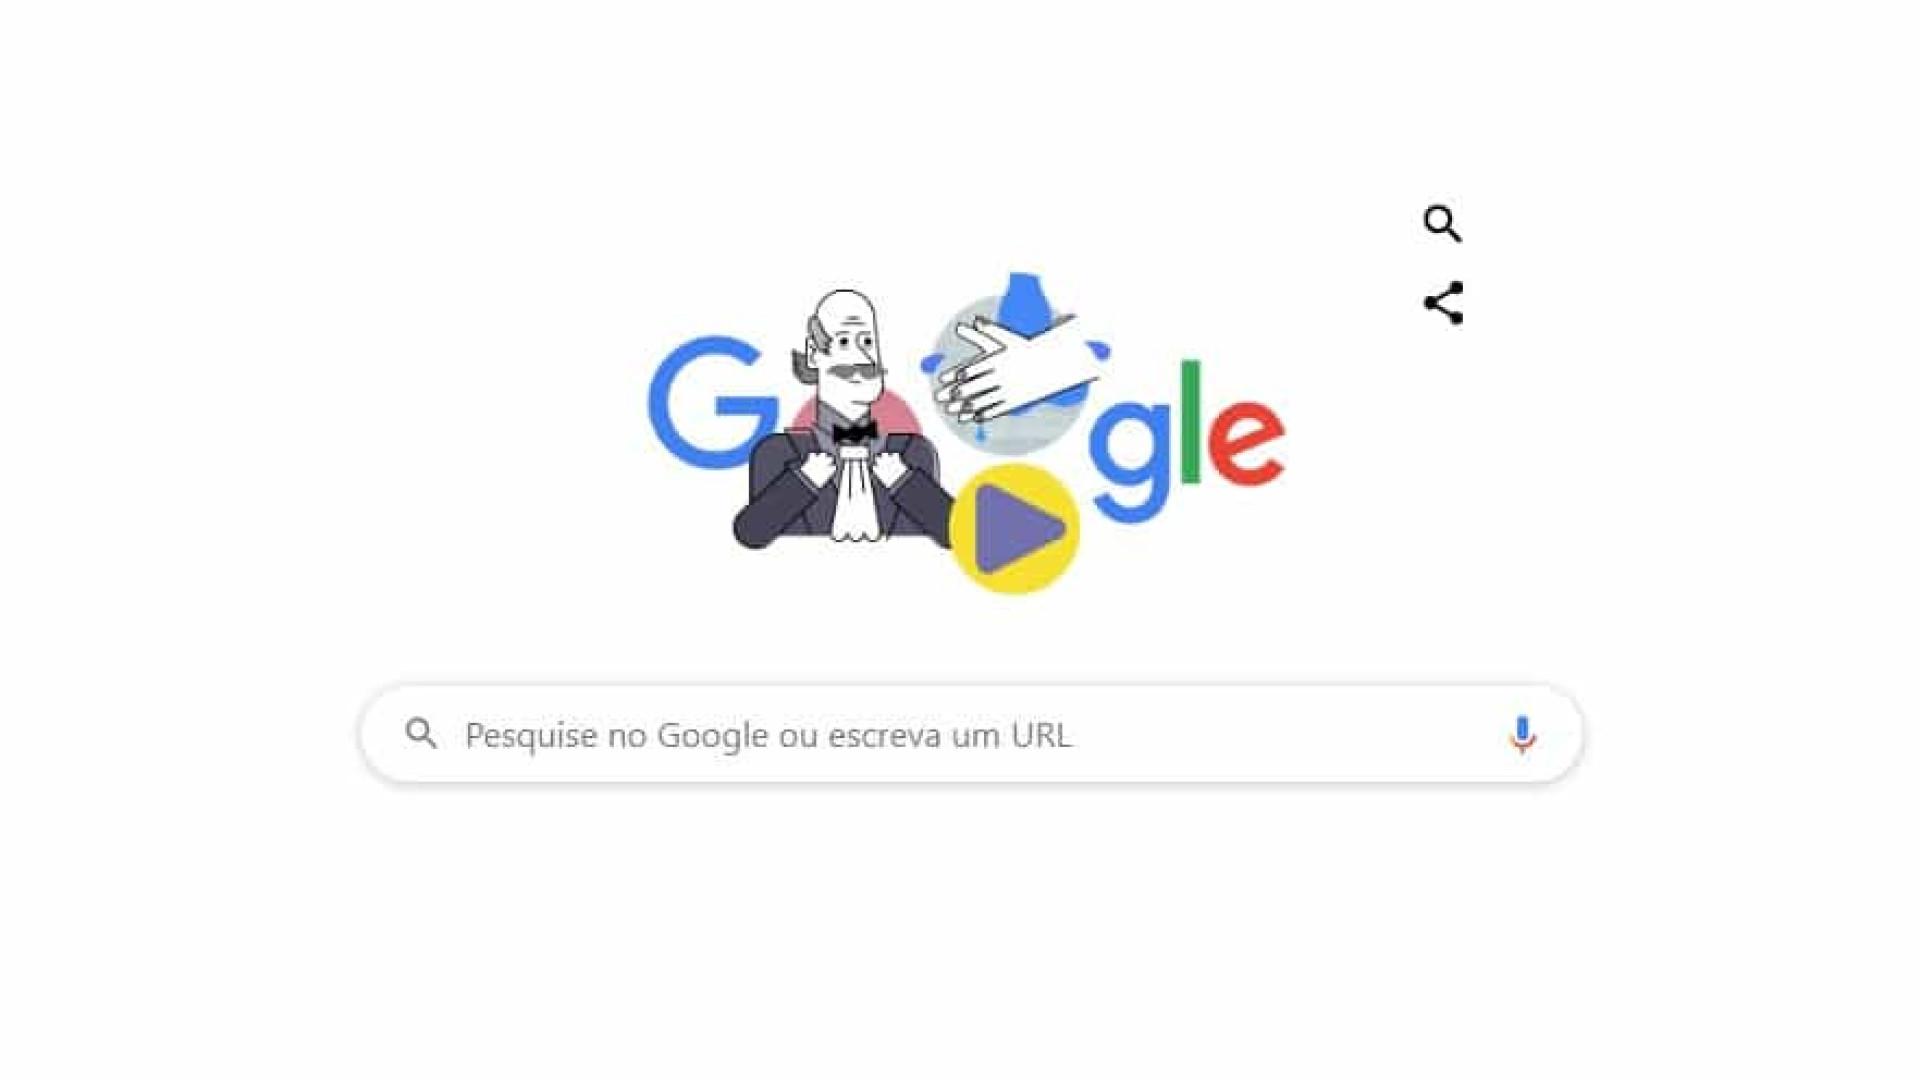 Doodle do Google homenageia médico que ensinou de lavar as mãos